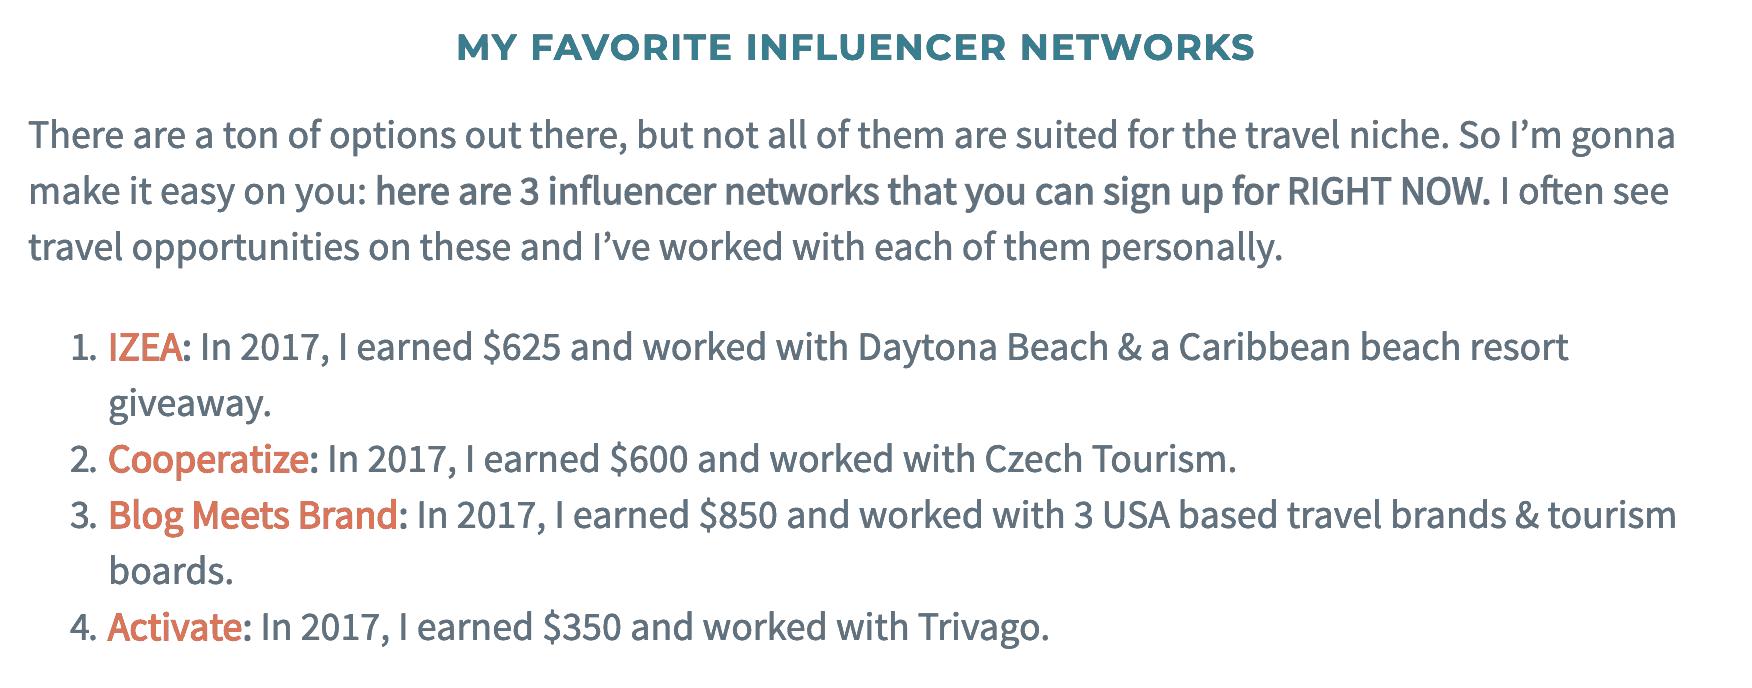 Influencer networks